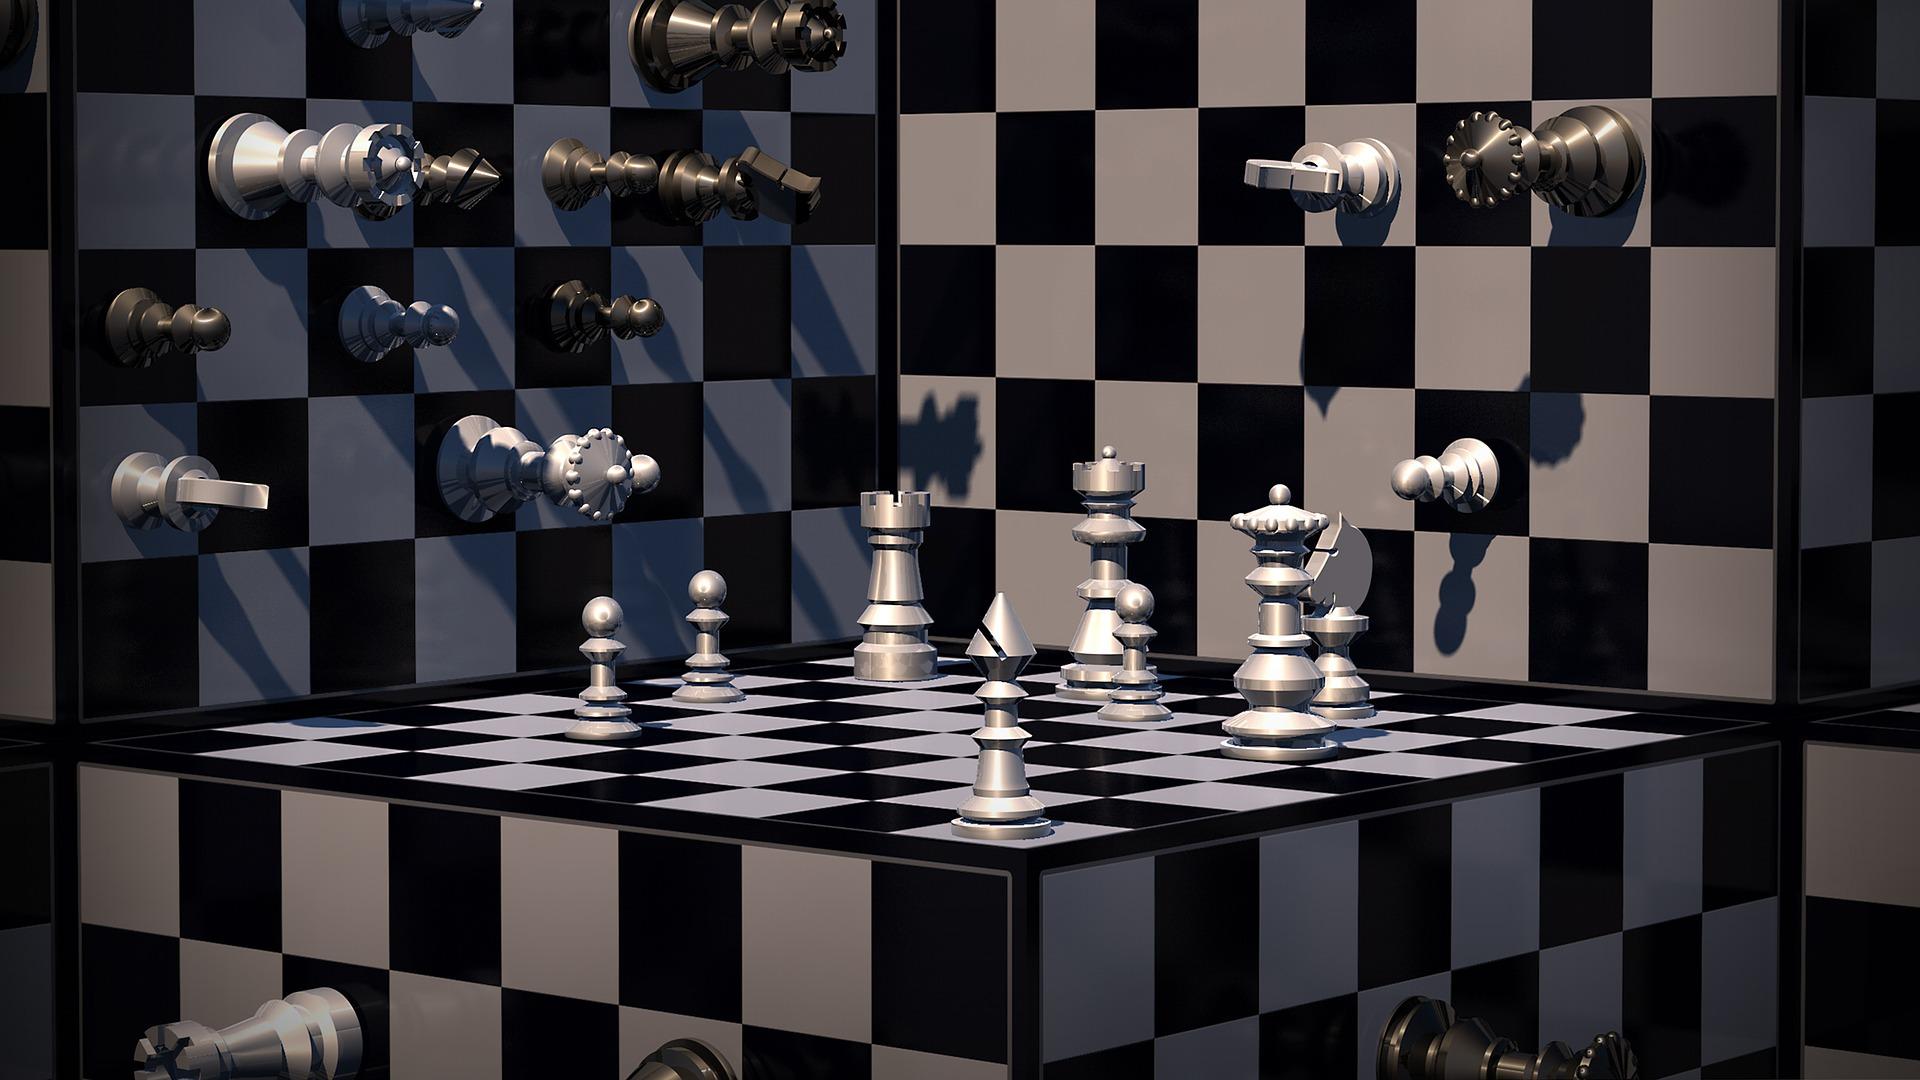 La multidimensión de un juego milenario